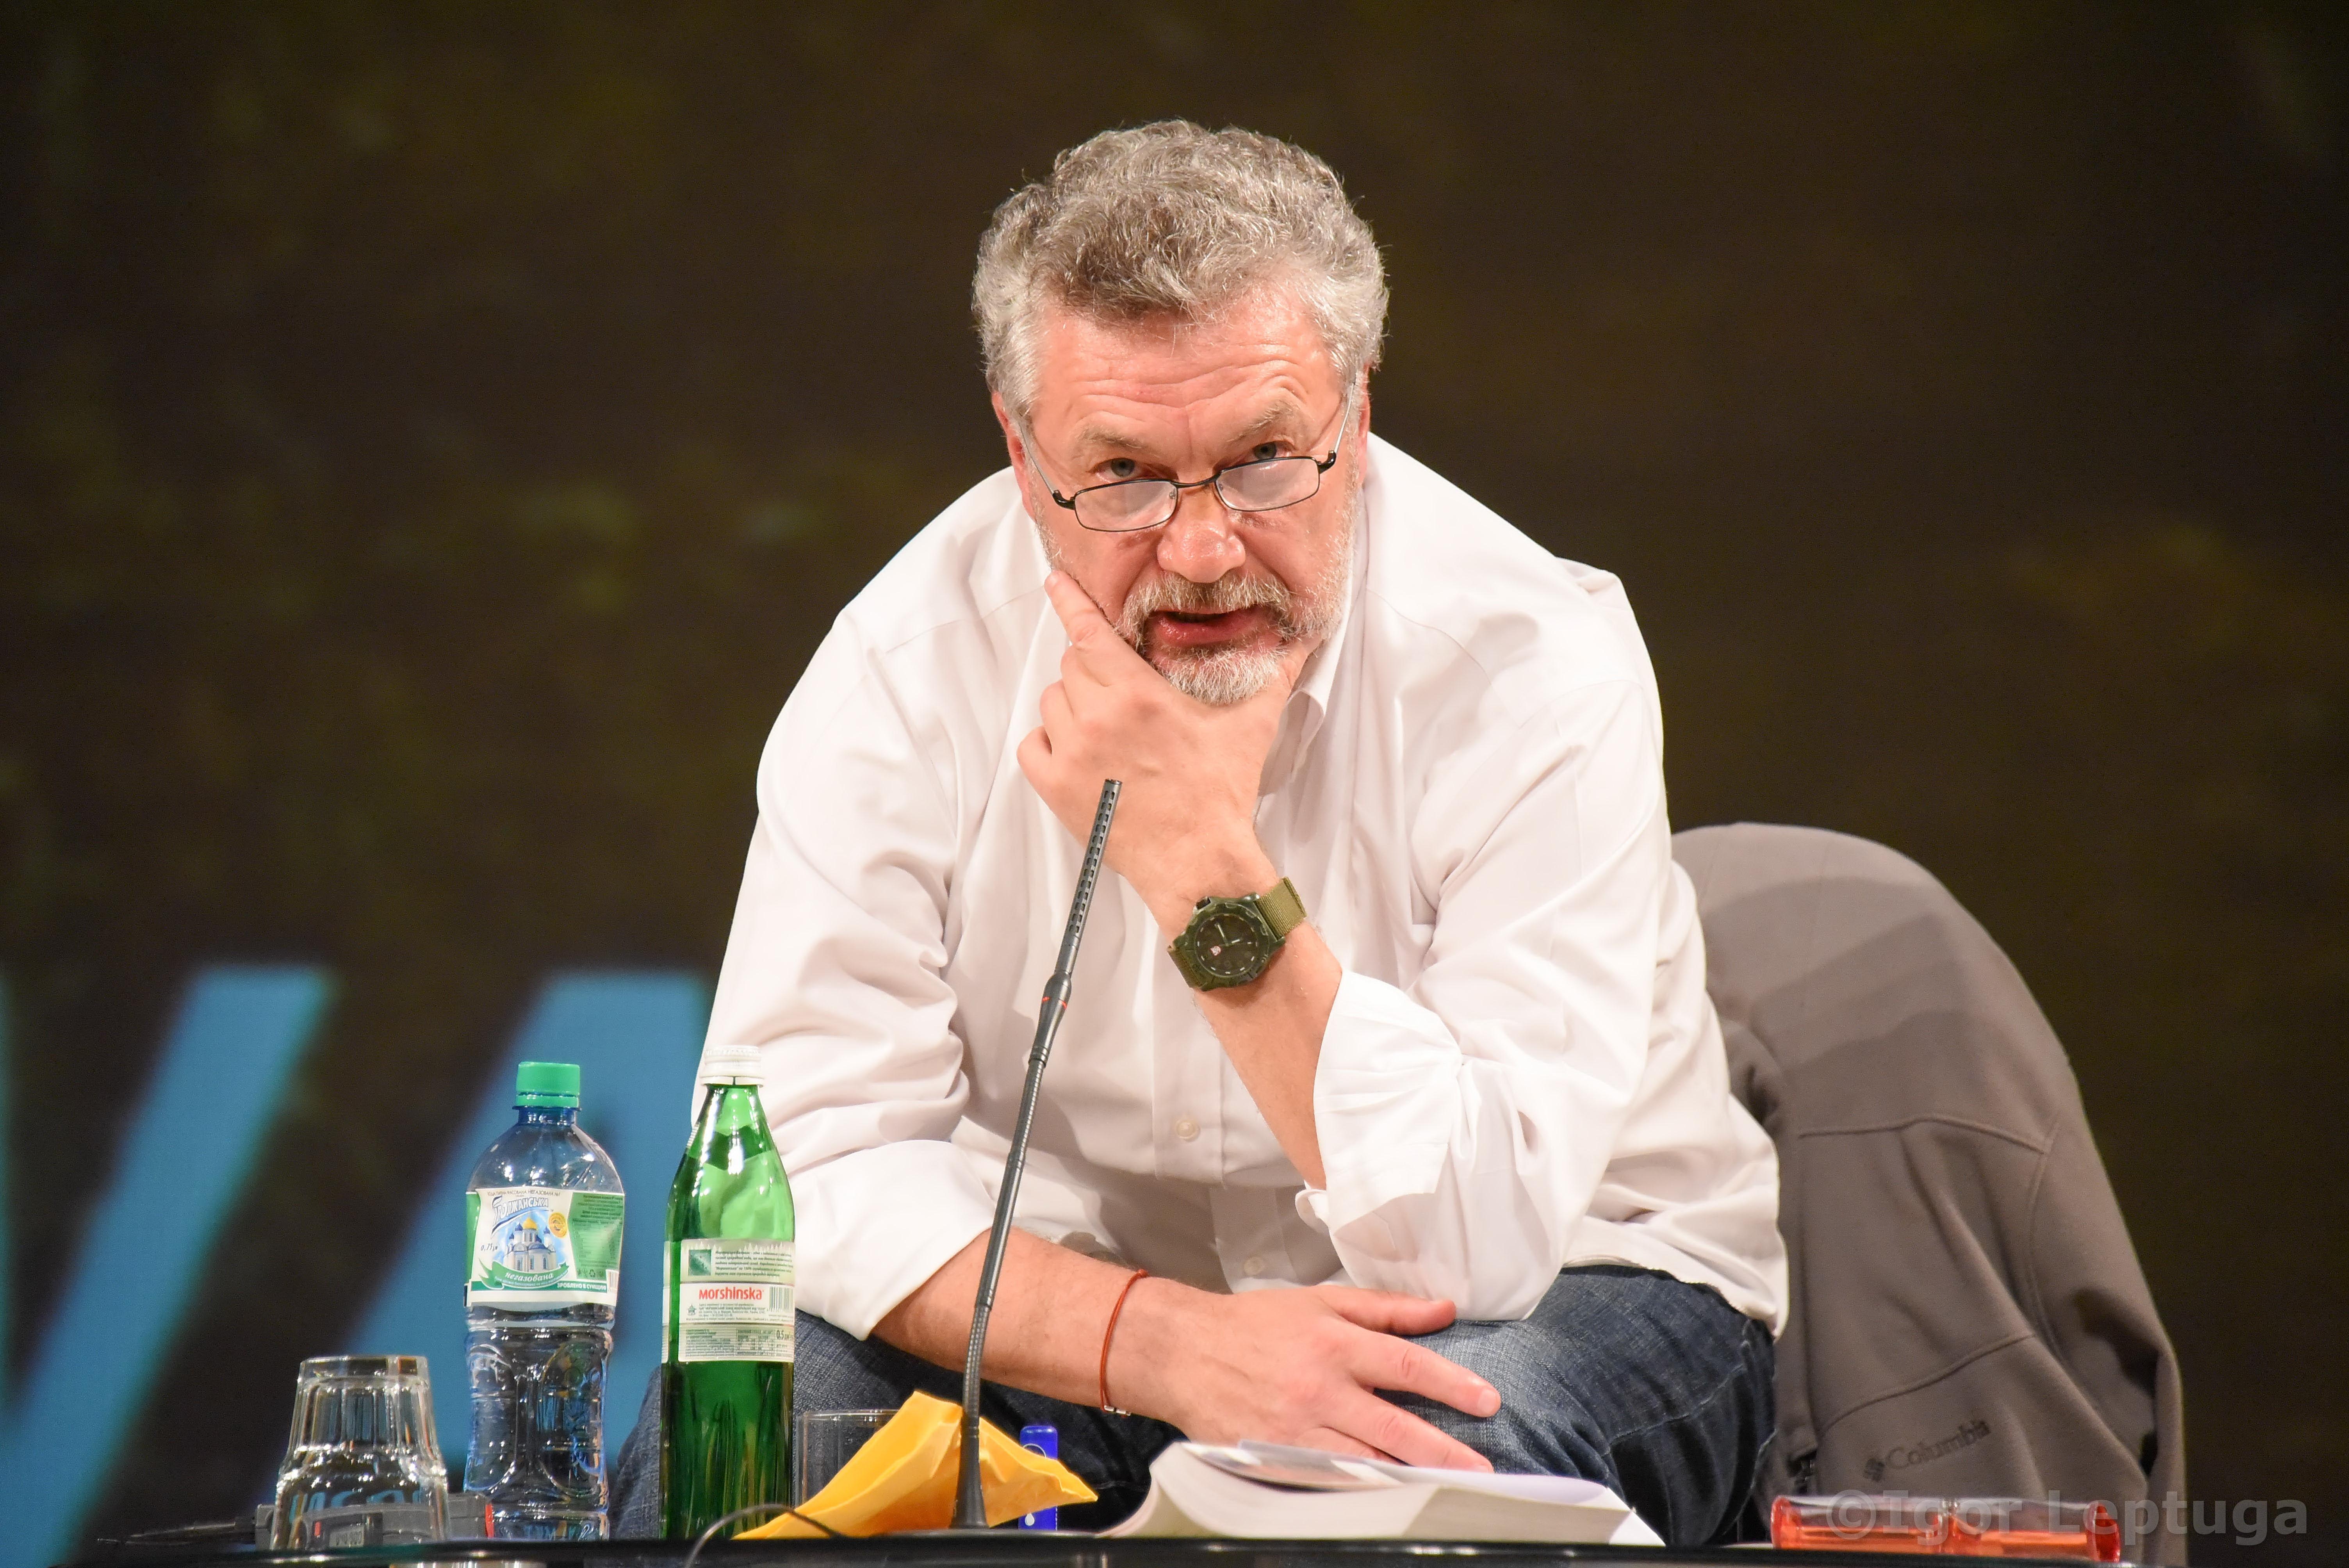 Сергей Лойко: «Аккредитовываться можно хоть у черта лысого, если это помогает журналистам делать свою работу и остаться в живых»